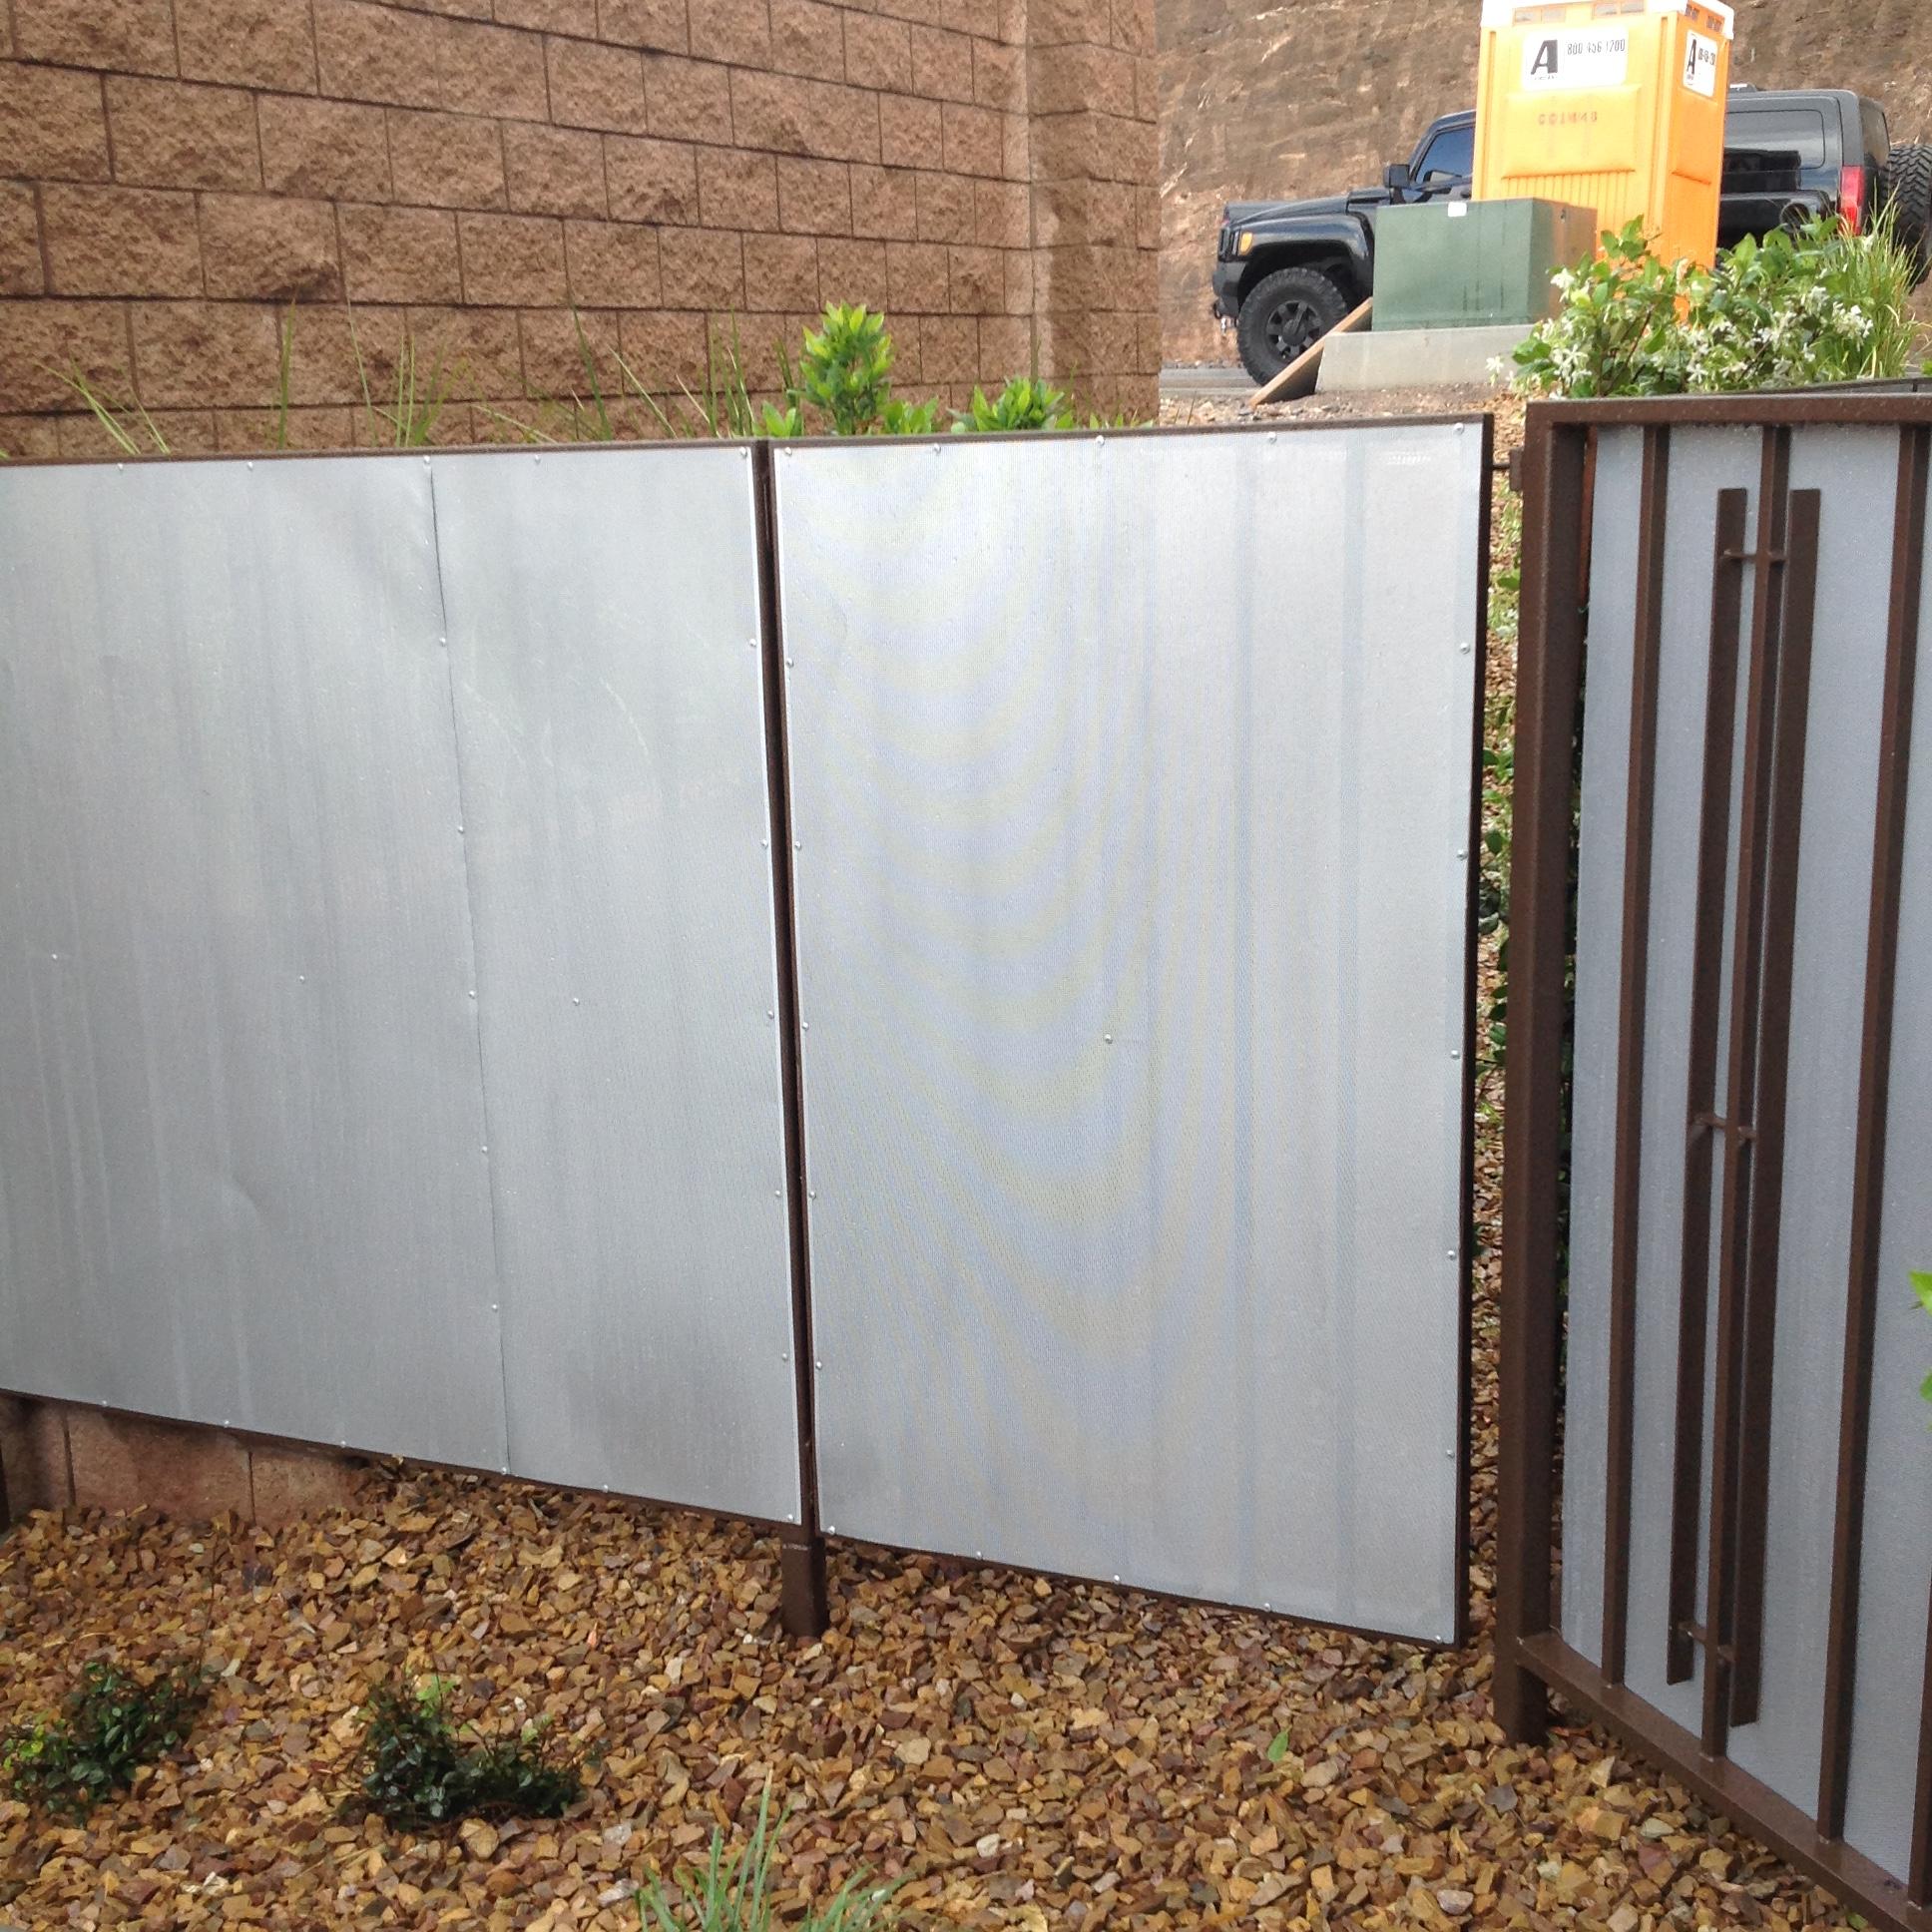 Mansion Fences Las vegas - Intrepid Metal Works Inc.